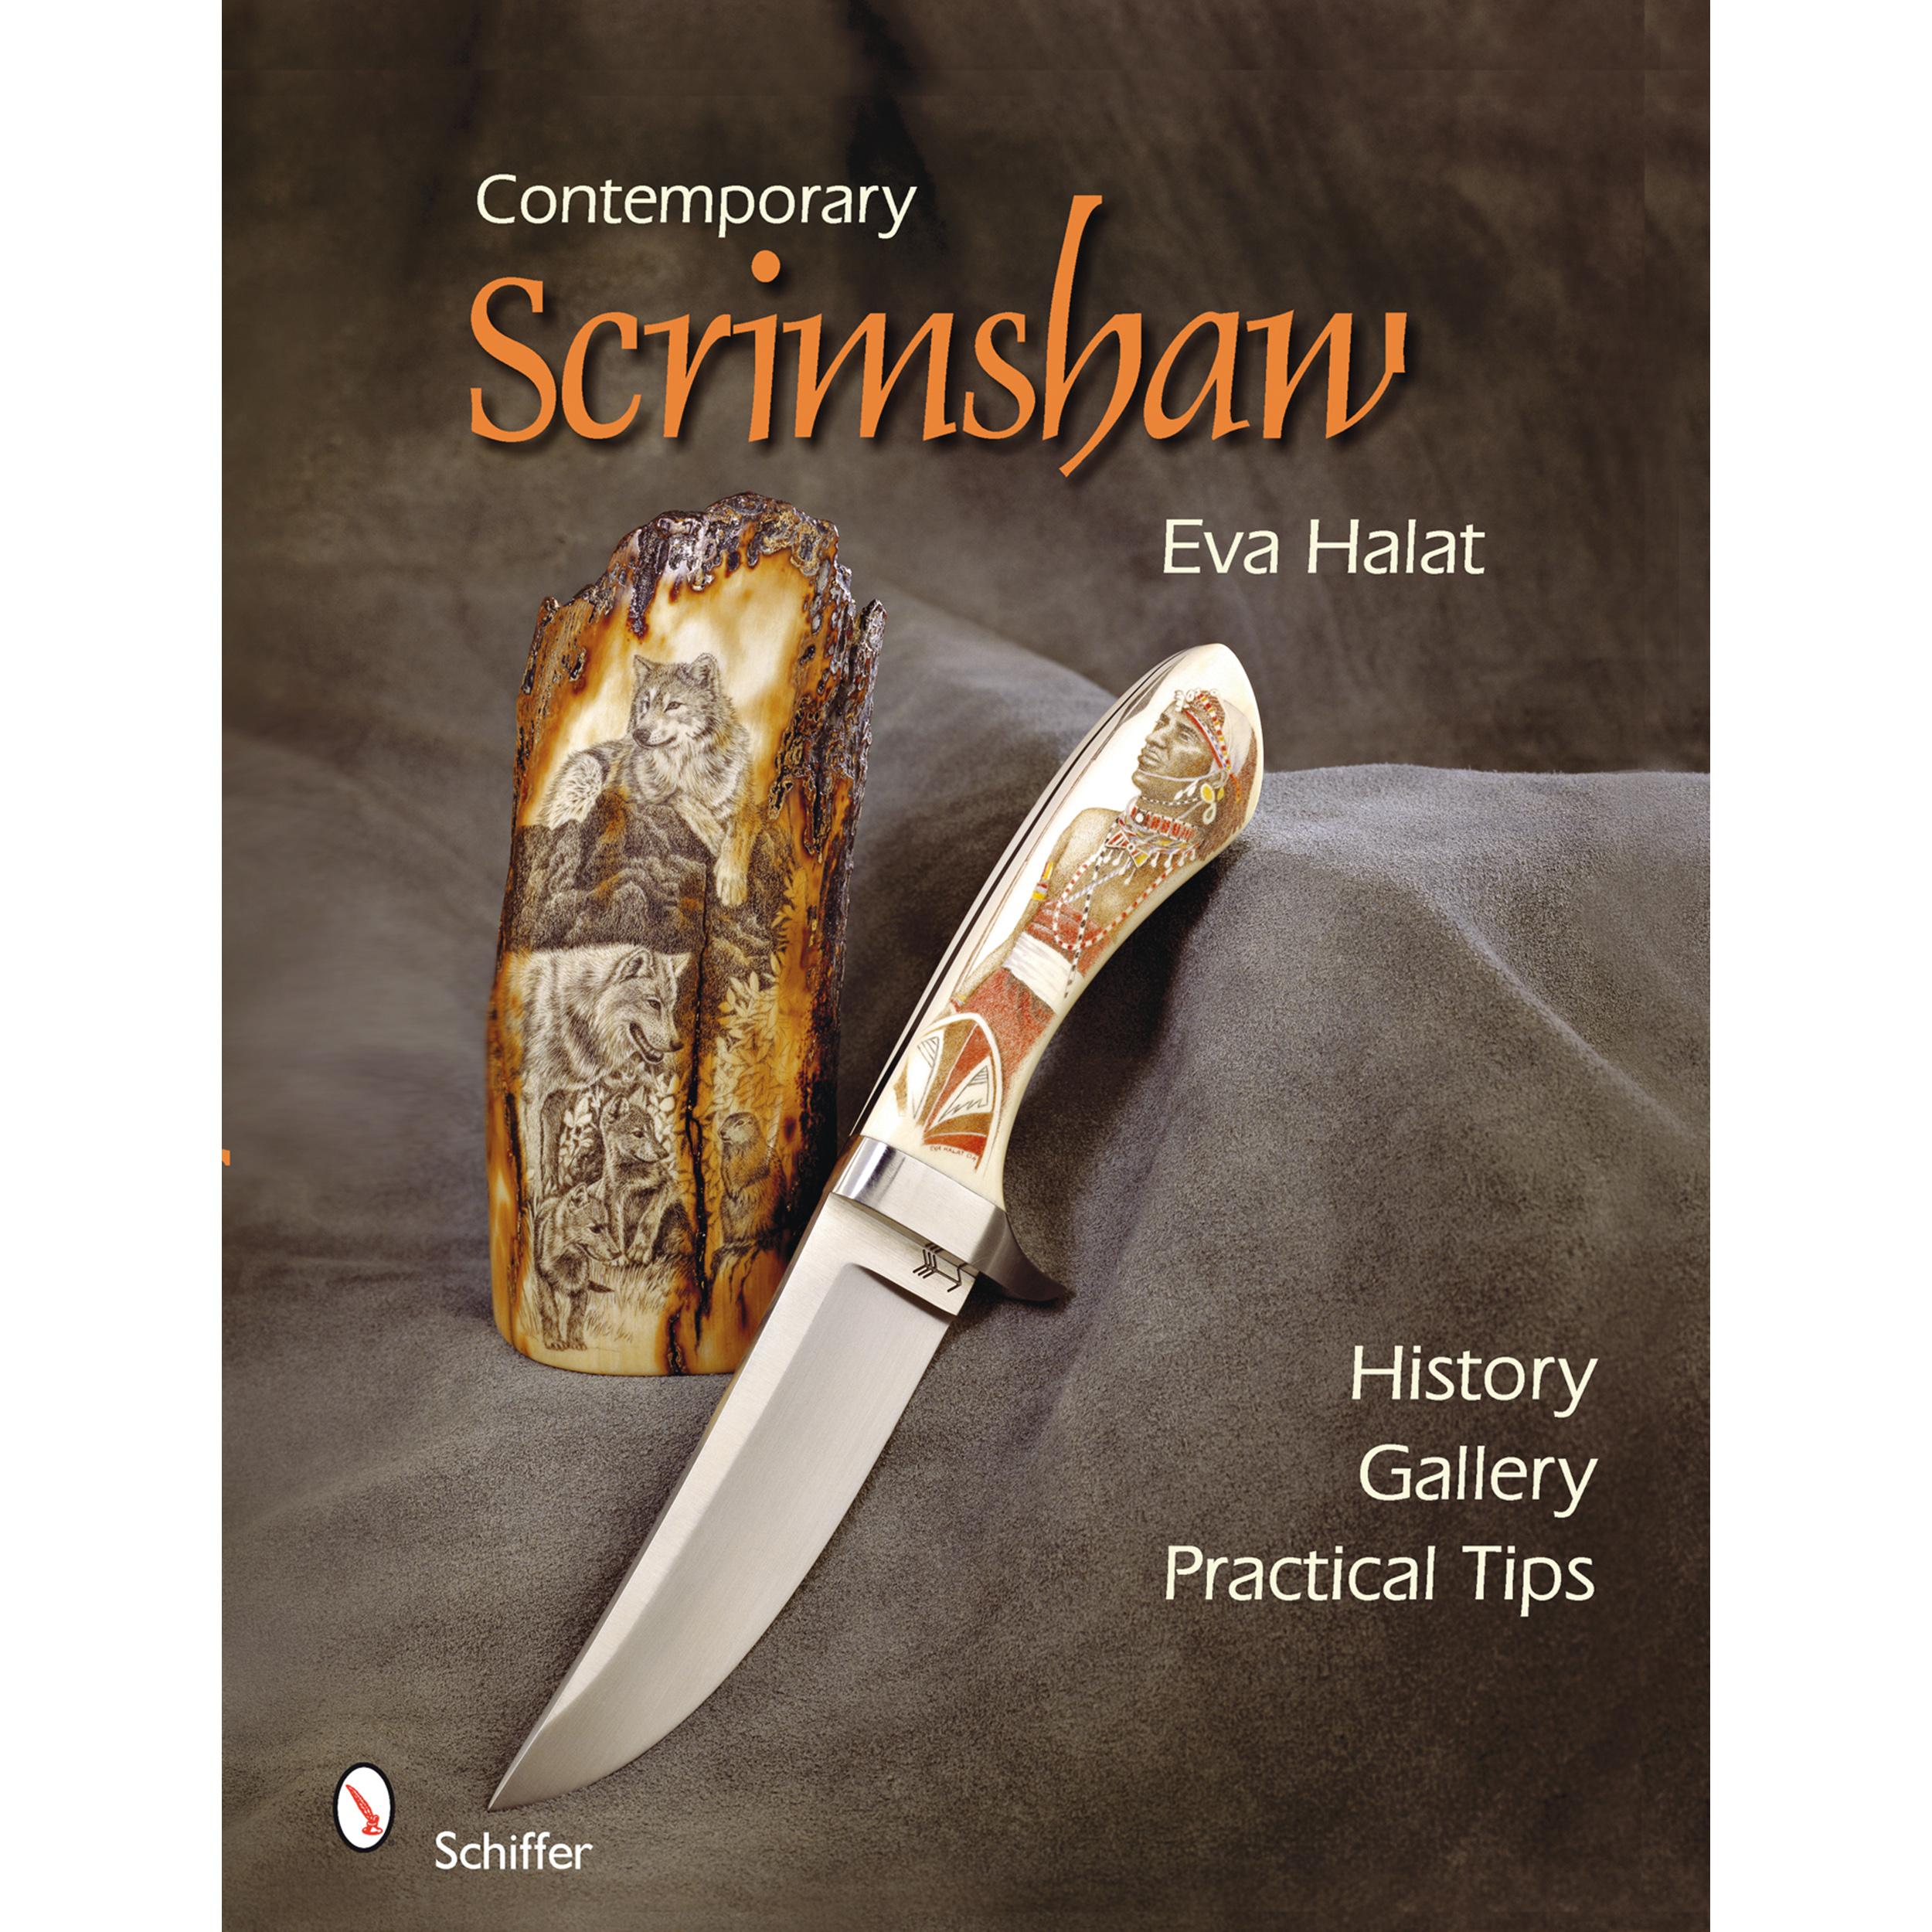 Contemporary Scrimshaw